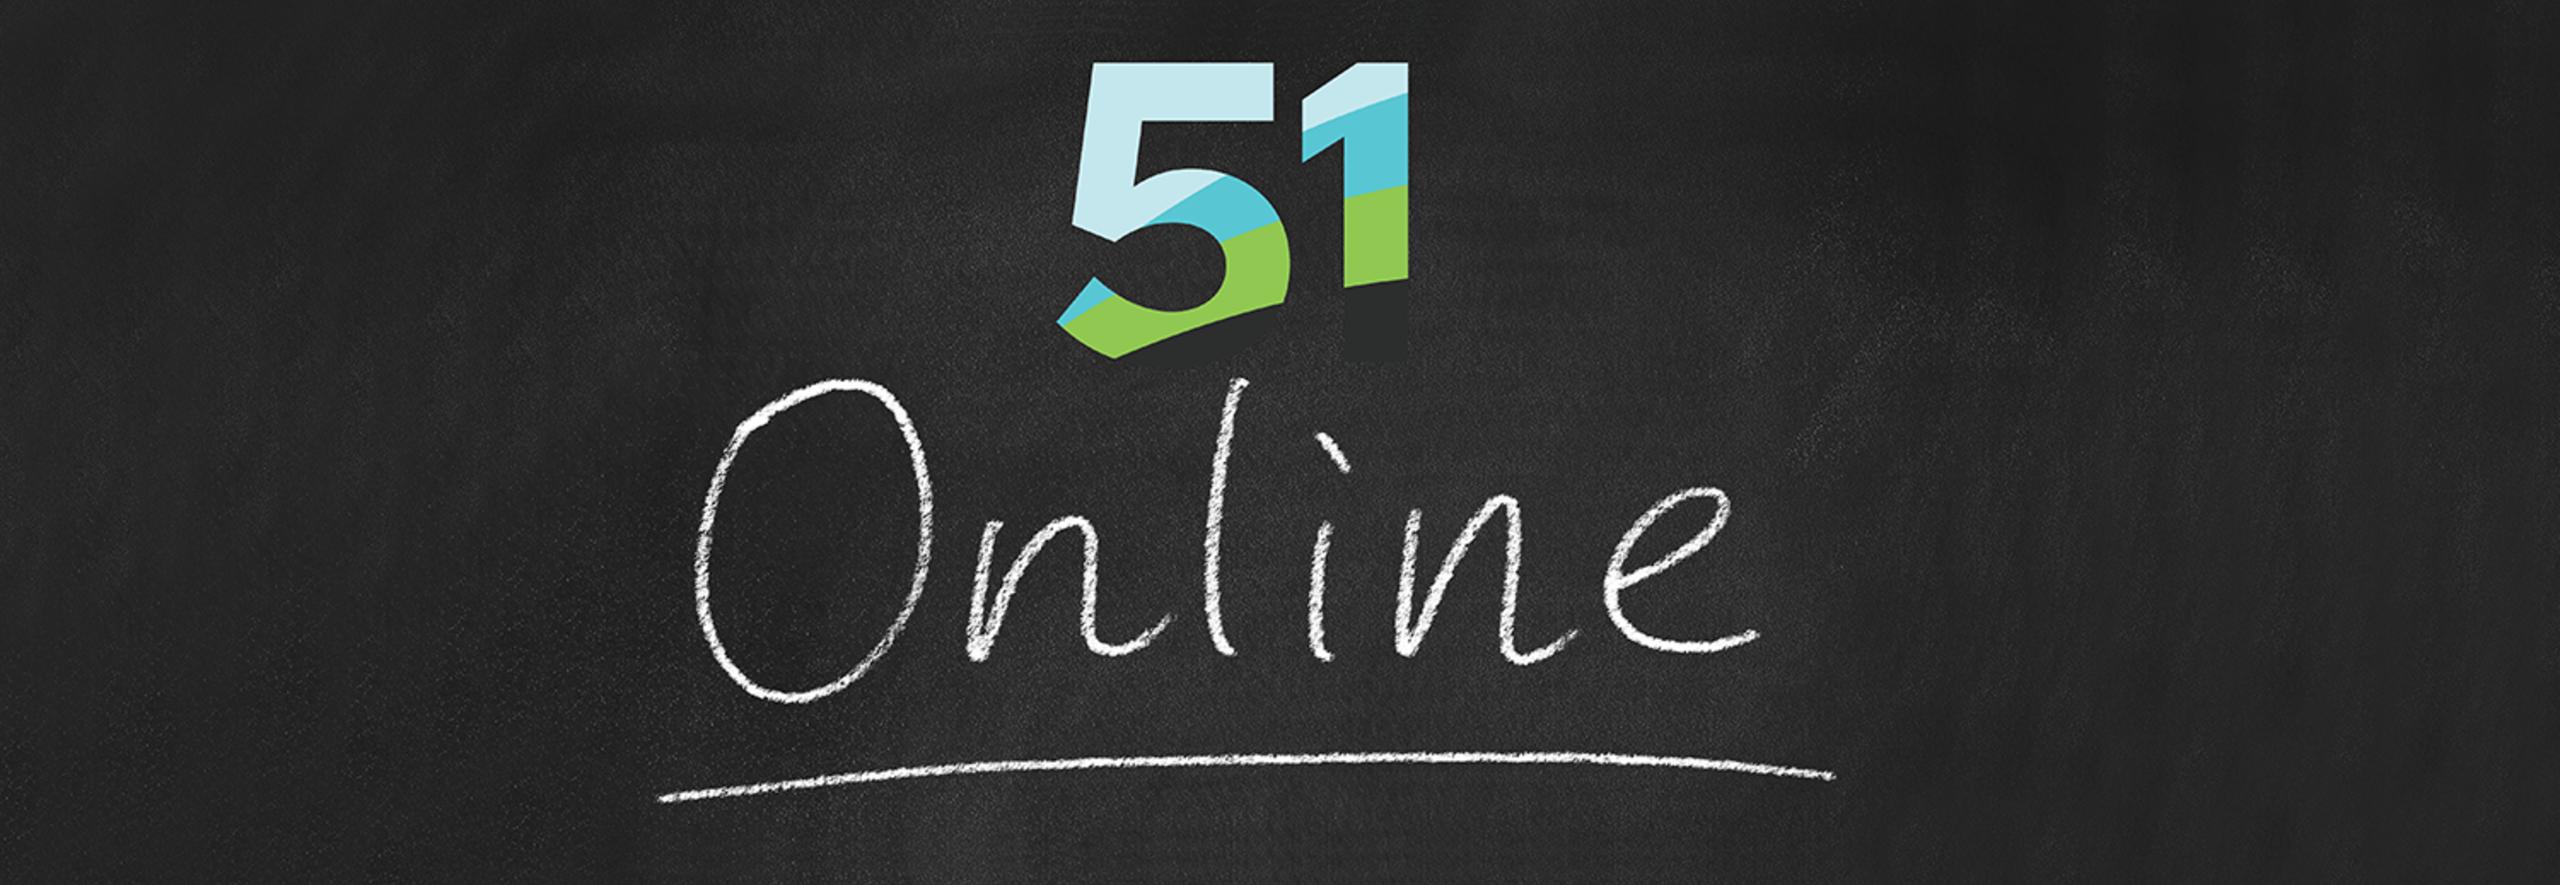 51 Online Banner Photo